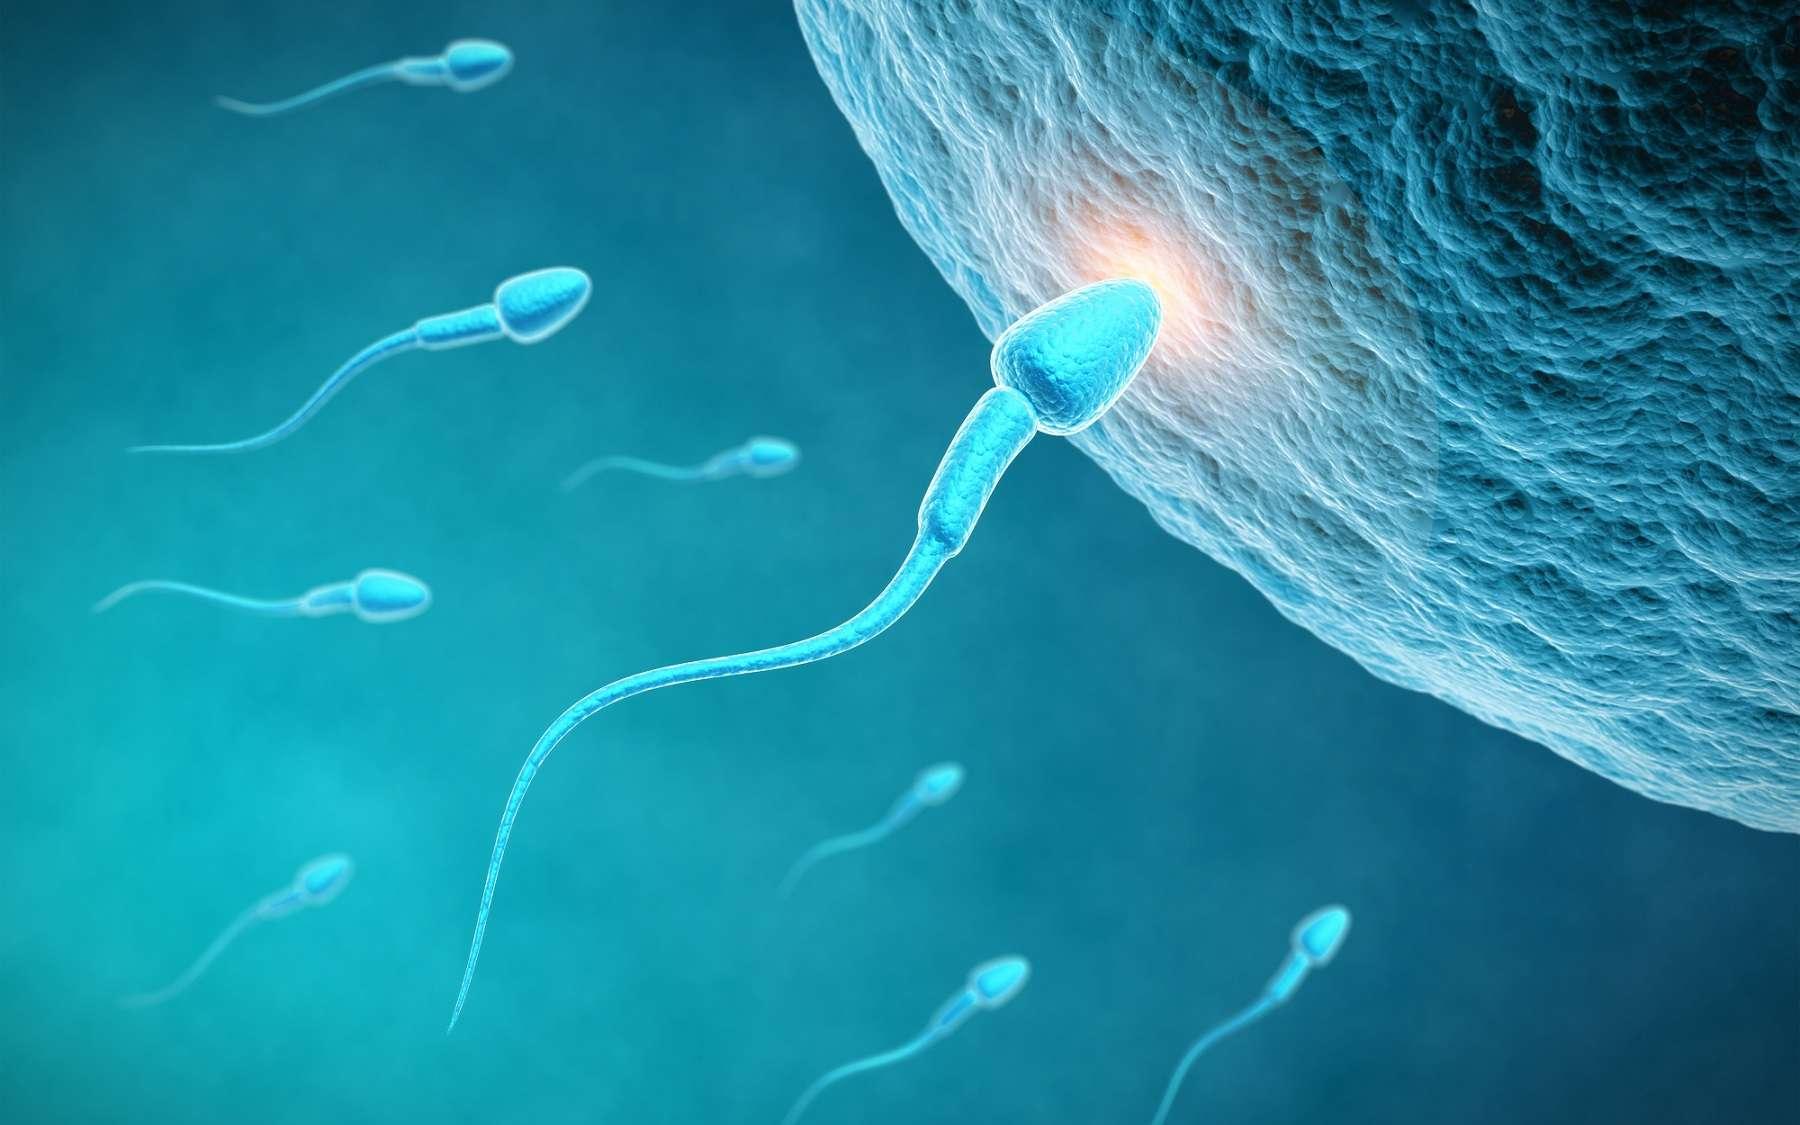 Le Spermbot vient résoudre les problèmes des spermatozoïdes qui rencontrent des difficultés à se déplacer. © Sashkin, Shutterstock